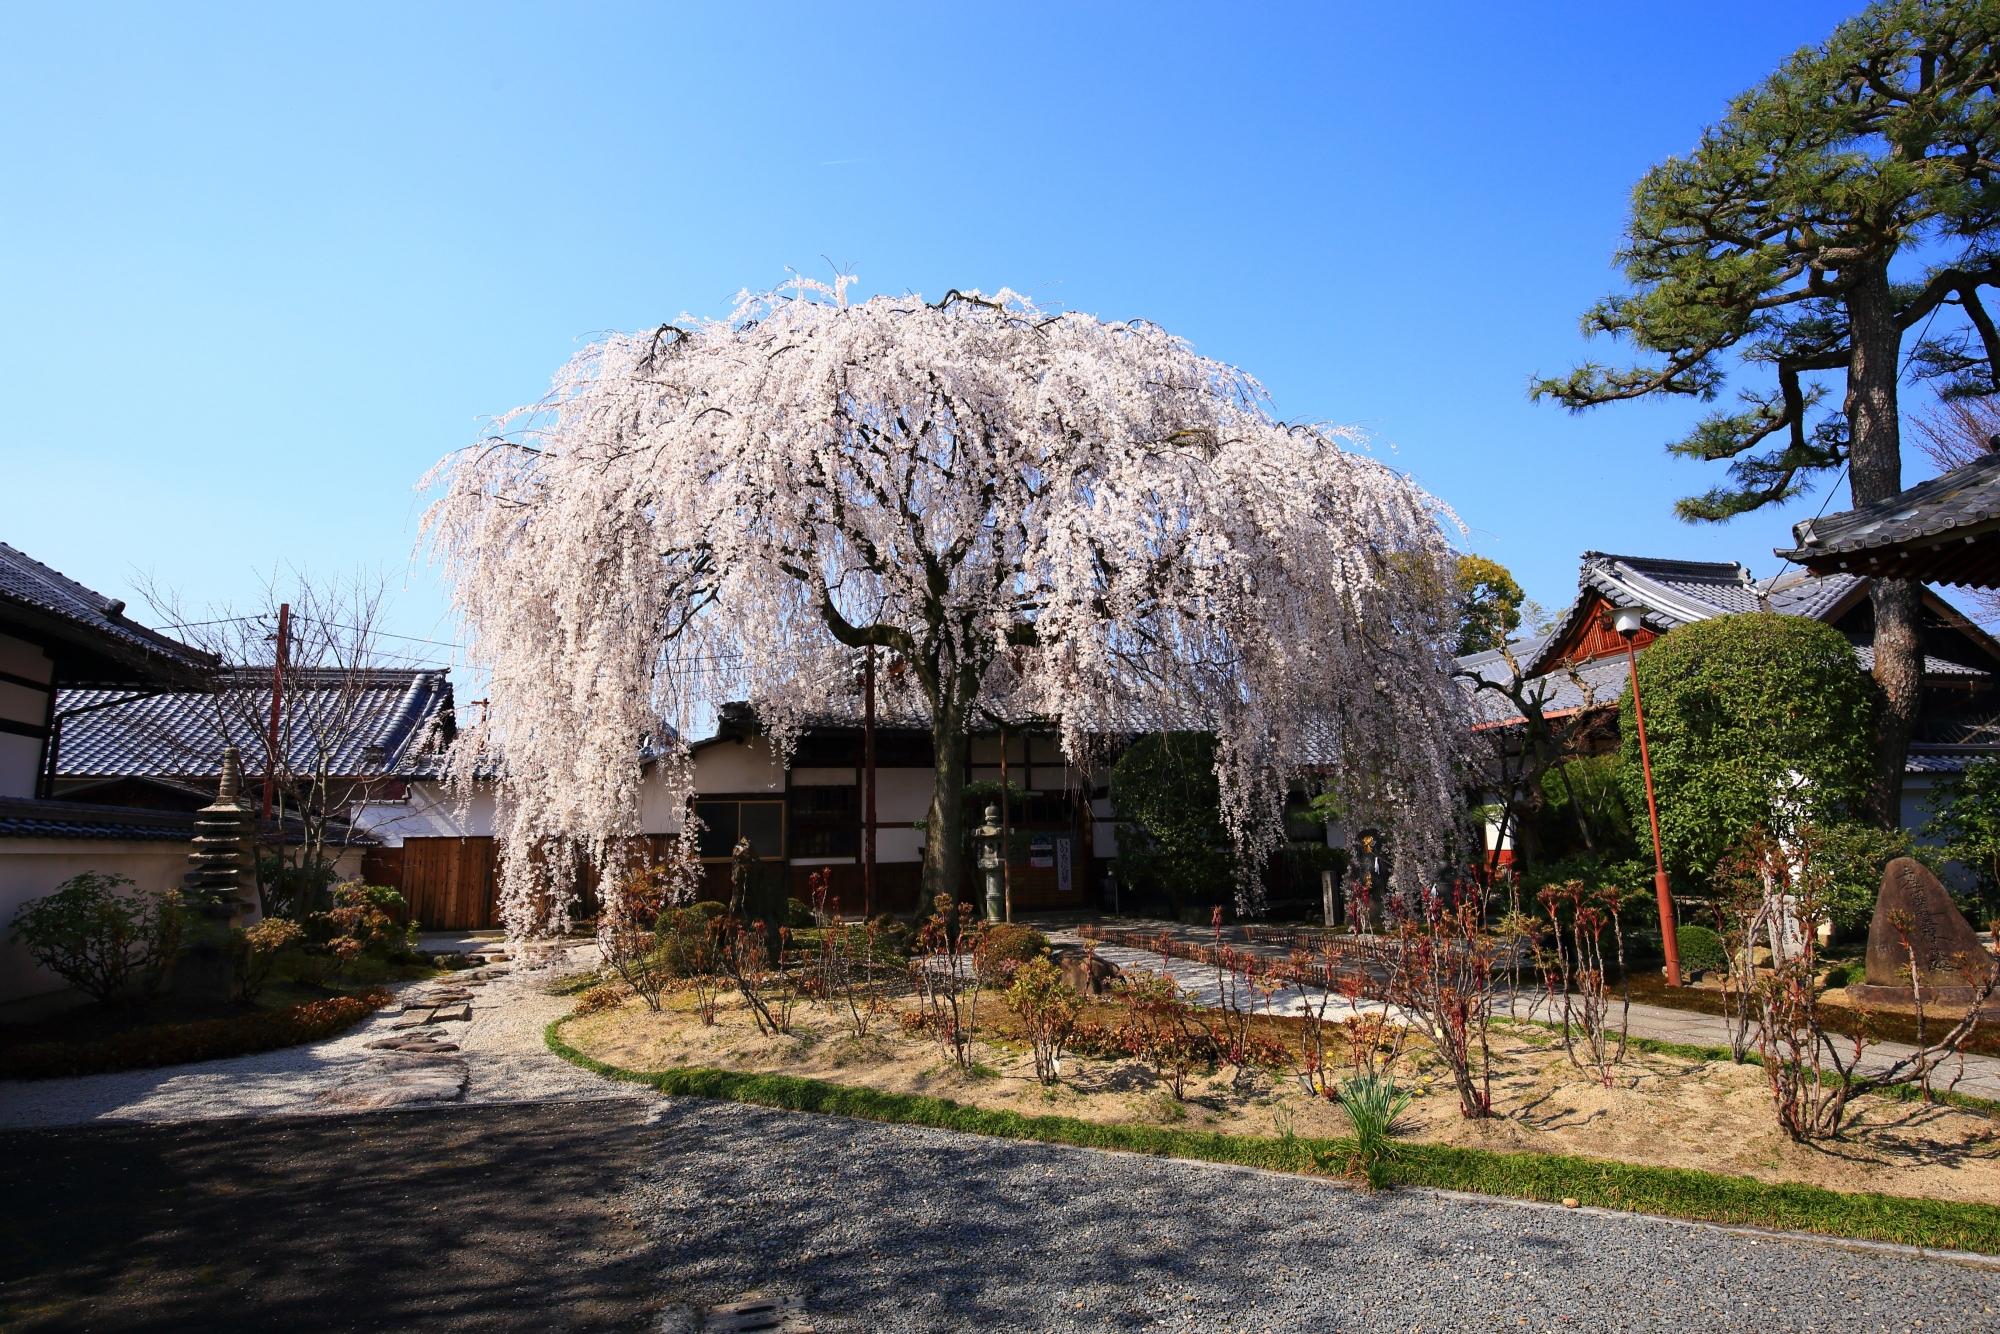 円形の美しい形でしられるしだれ桜